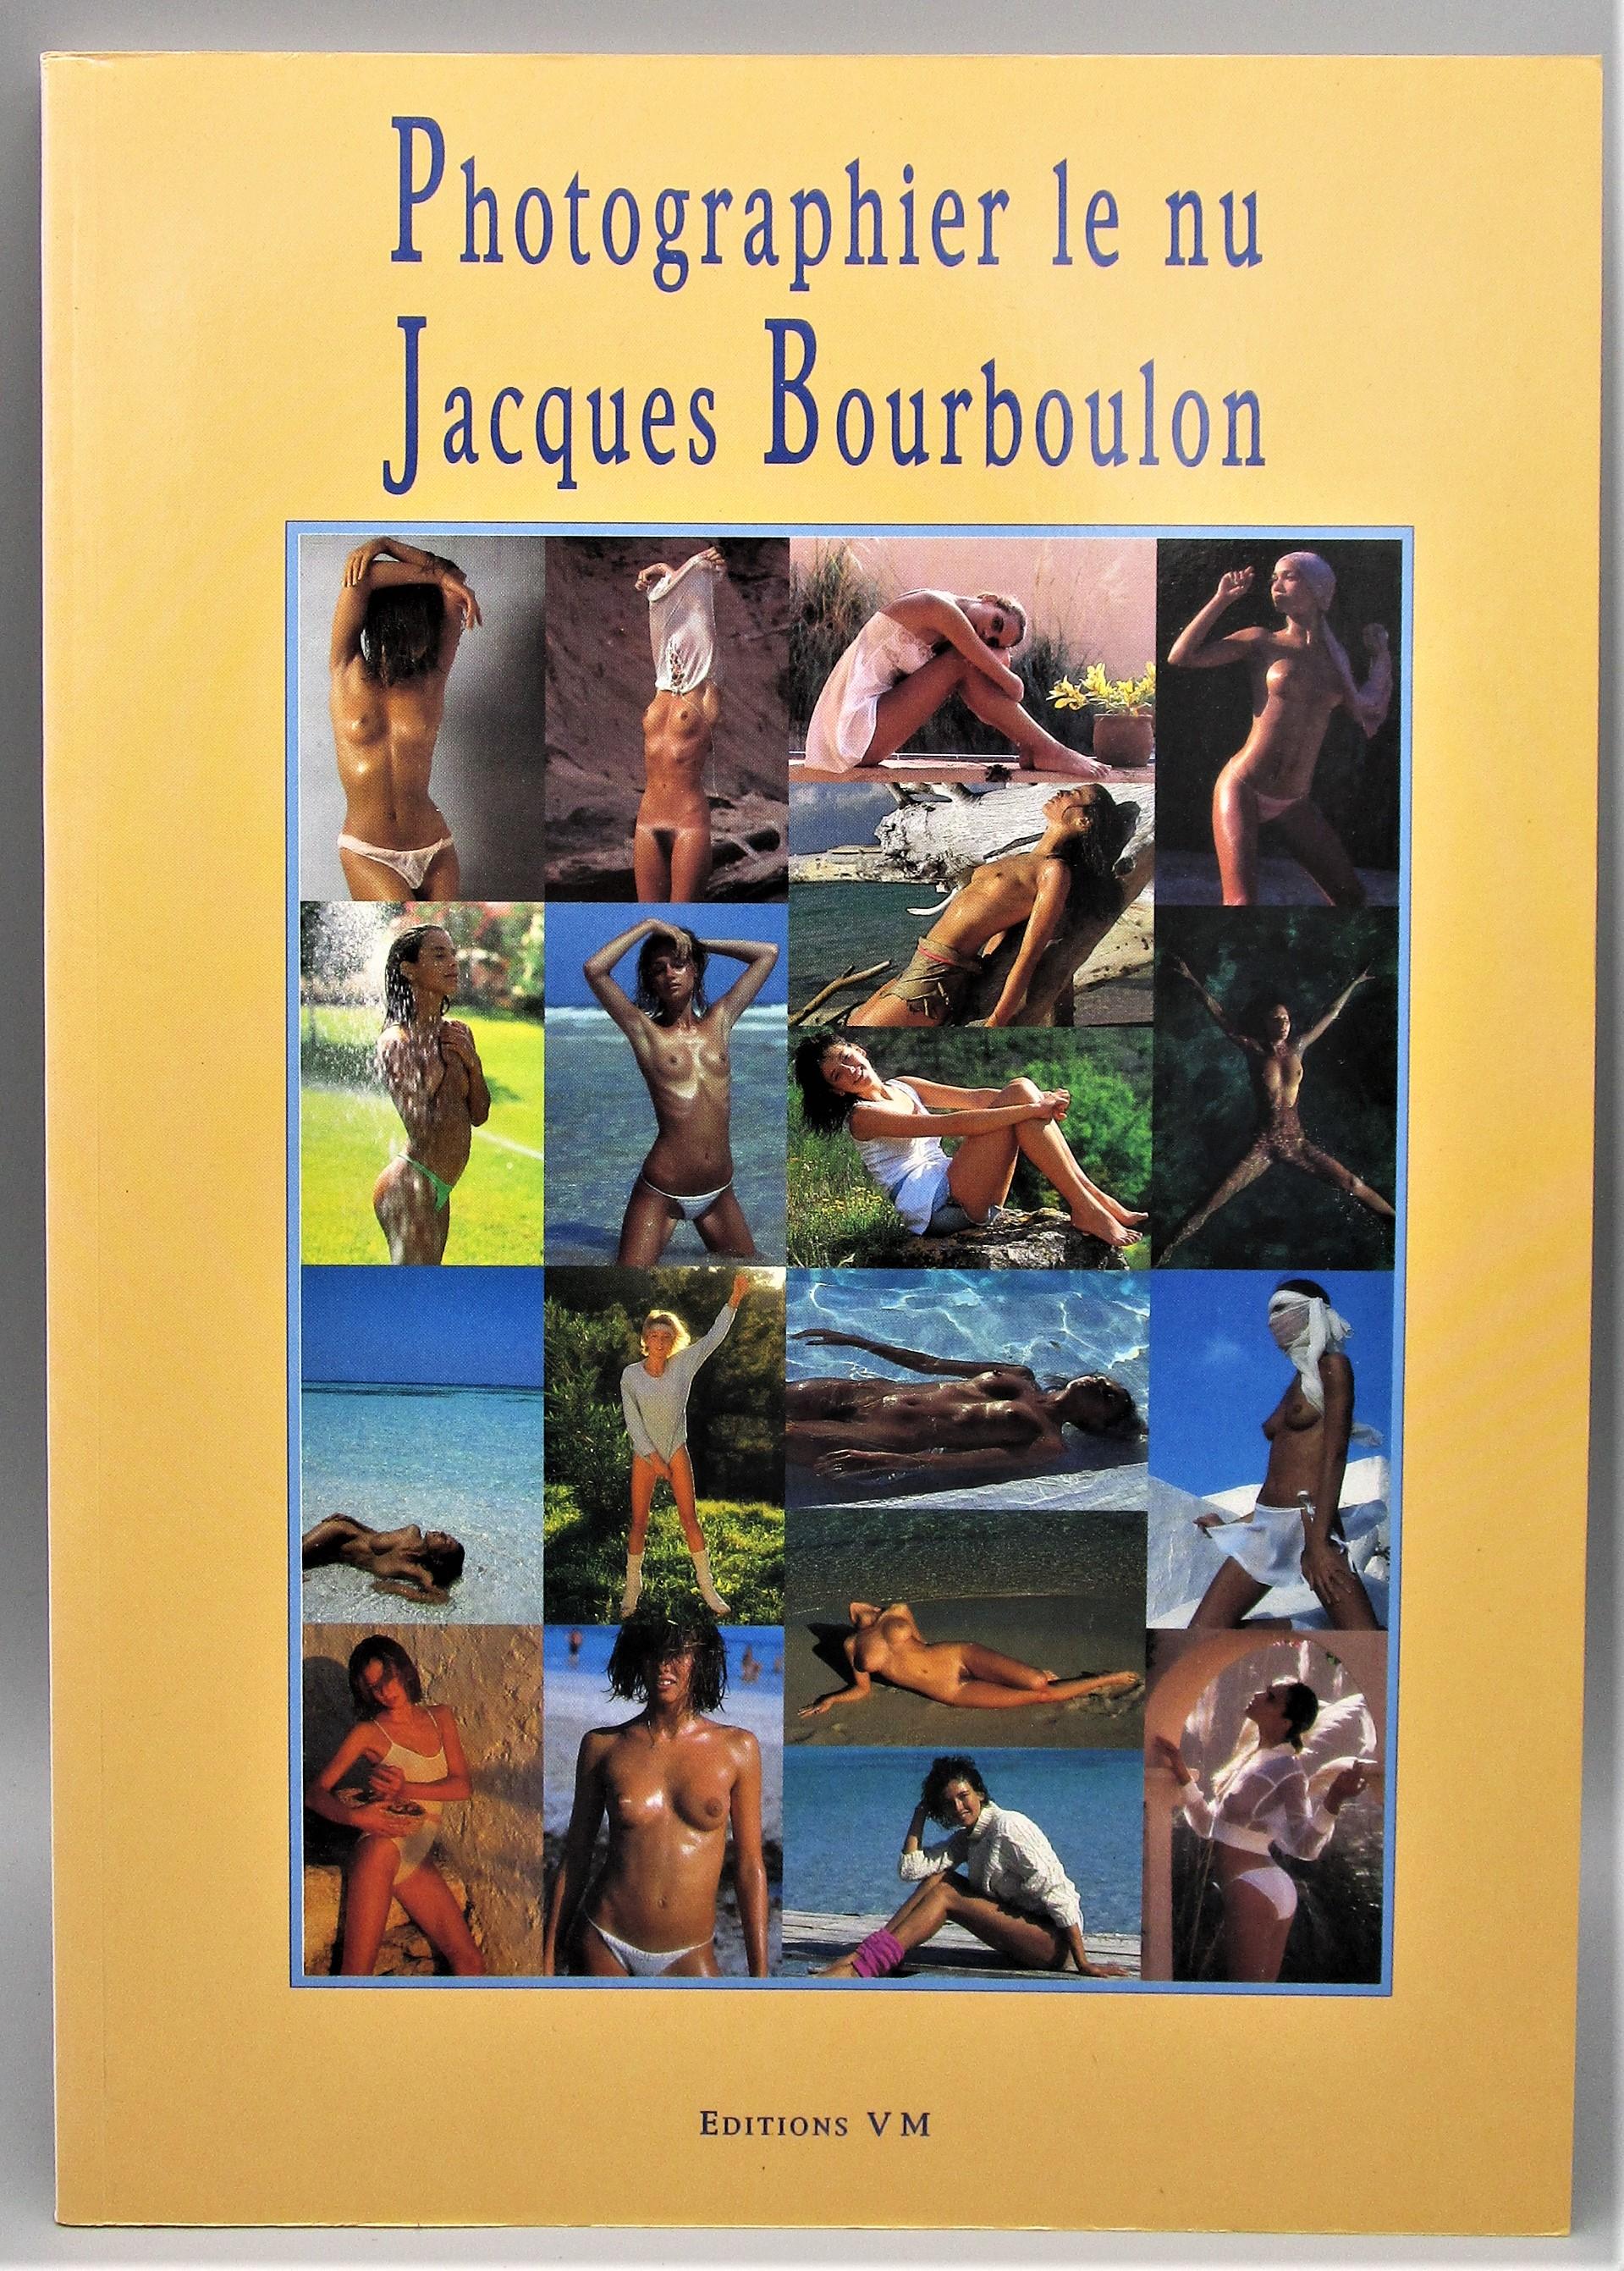 PHOTOGRAPHIER LE NU, by Jacques Bourboulon - 1996